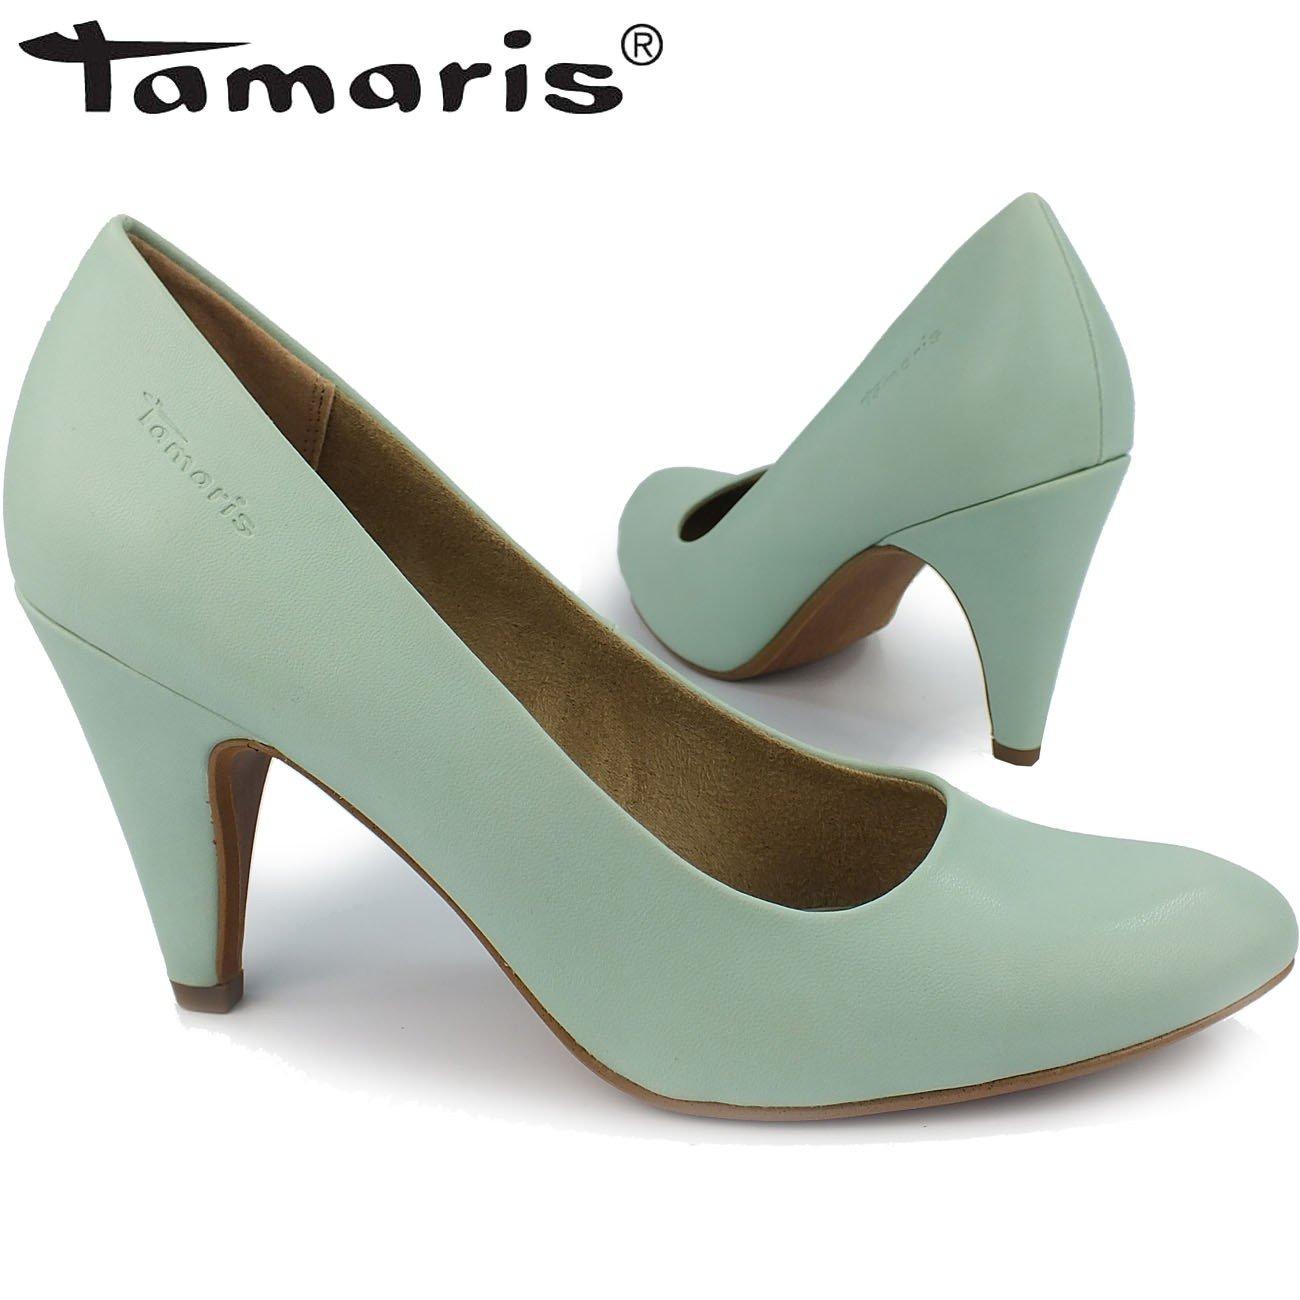 Gratis Versand Tamaris Pumps Mint